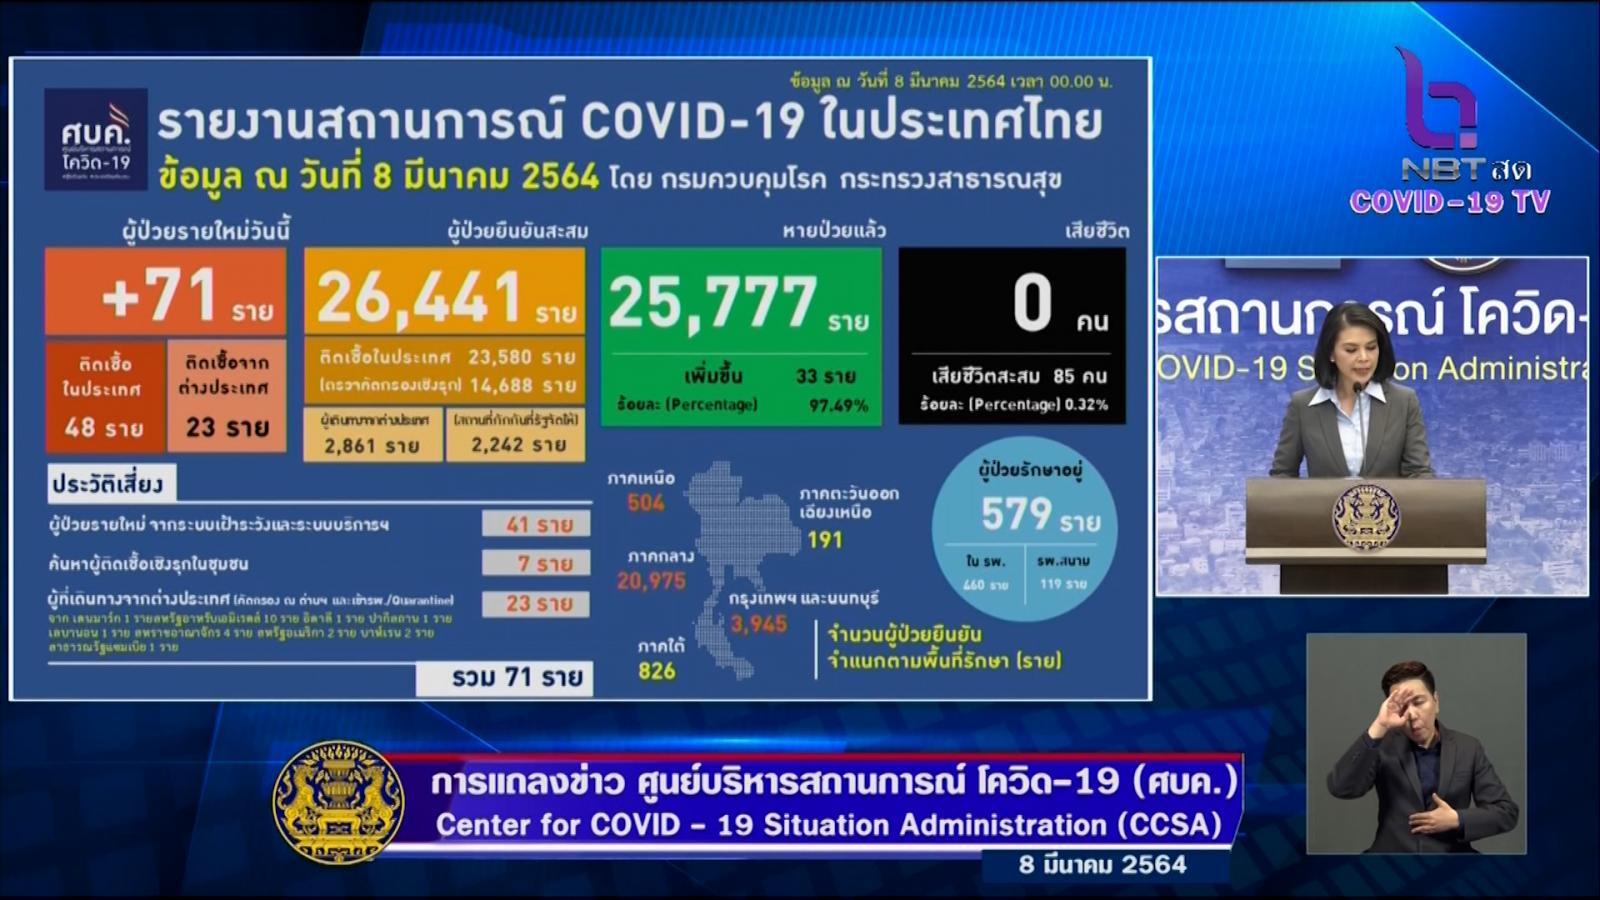 71 รายใหม่ ผู้ติดเชื้อโควิด-19 ติดเชื้อในประเทศ 48 ราย